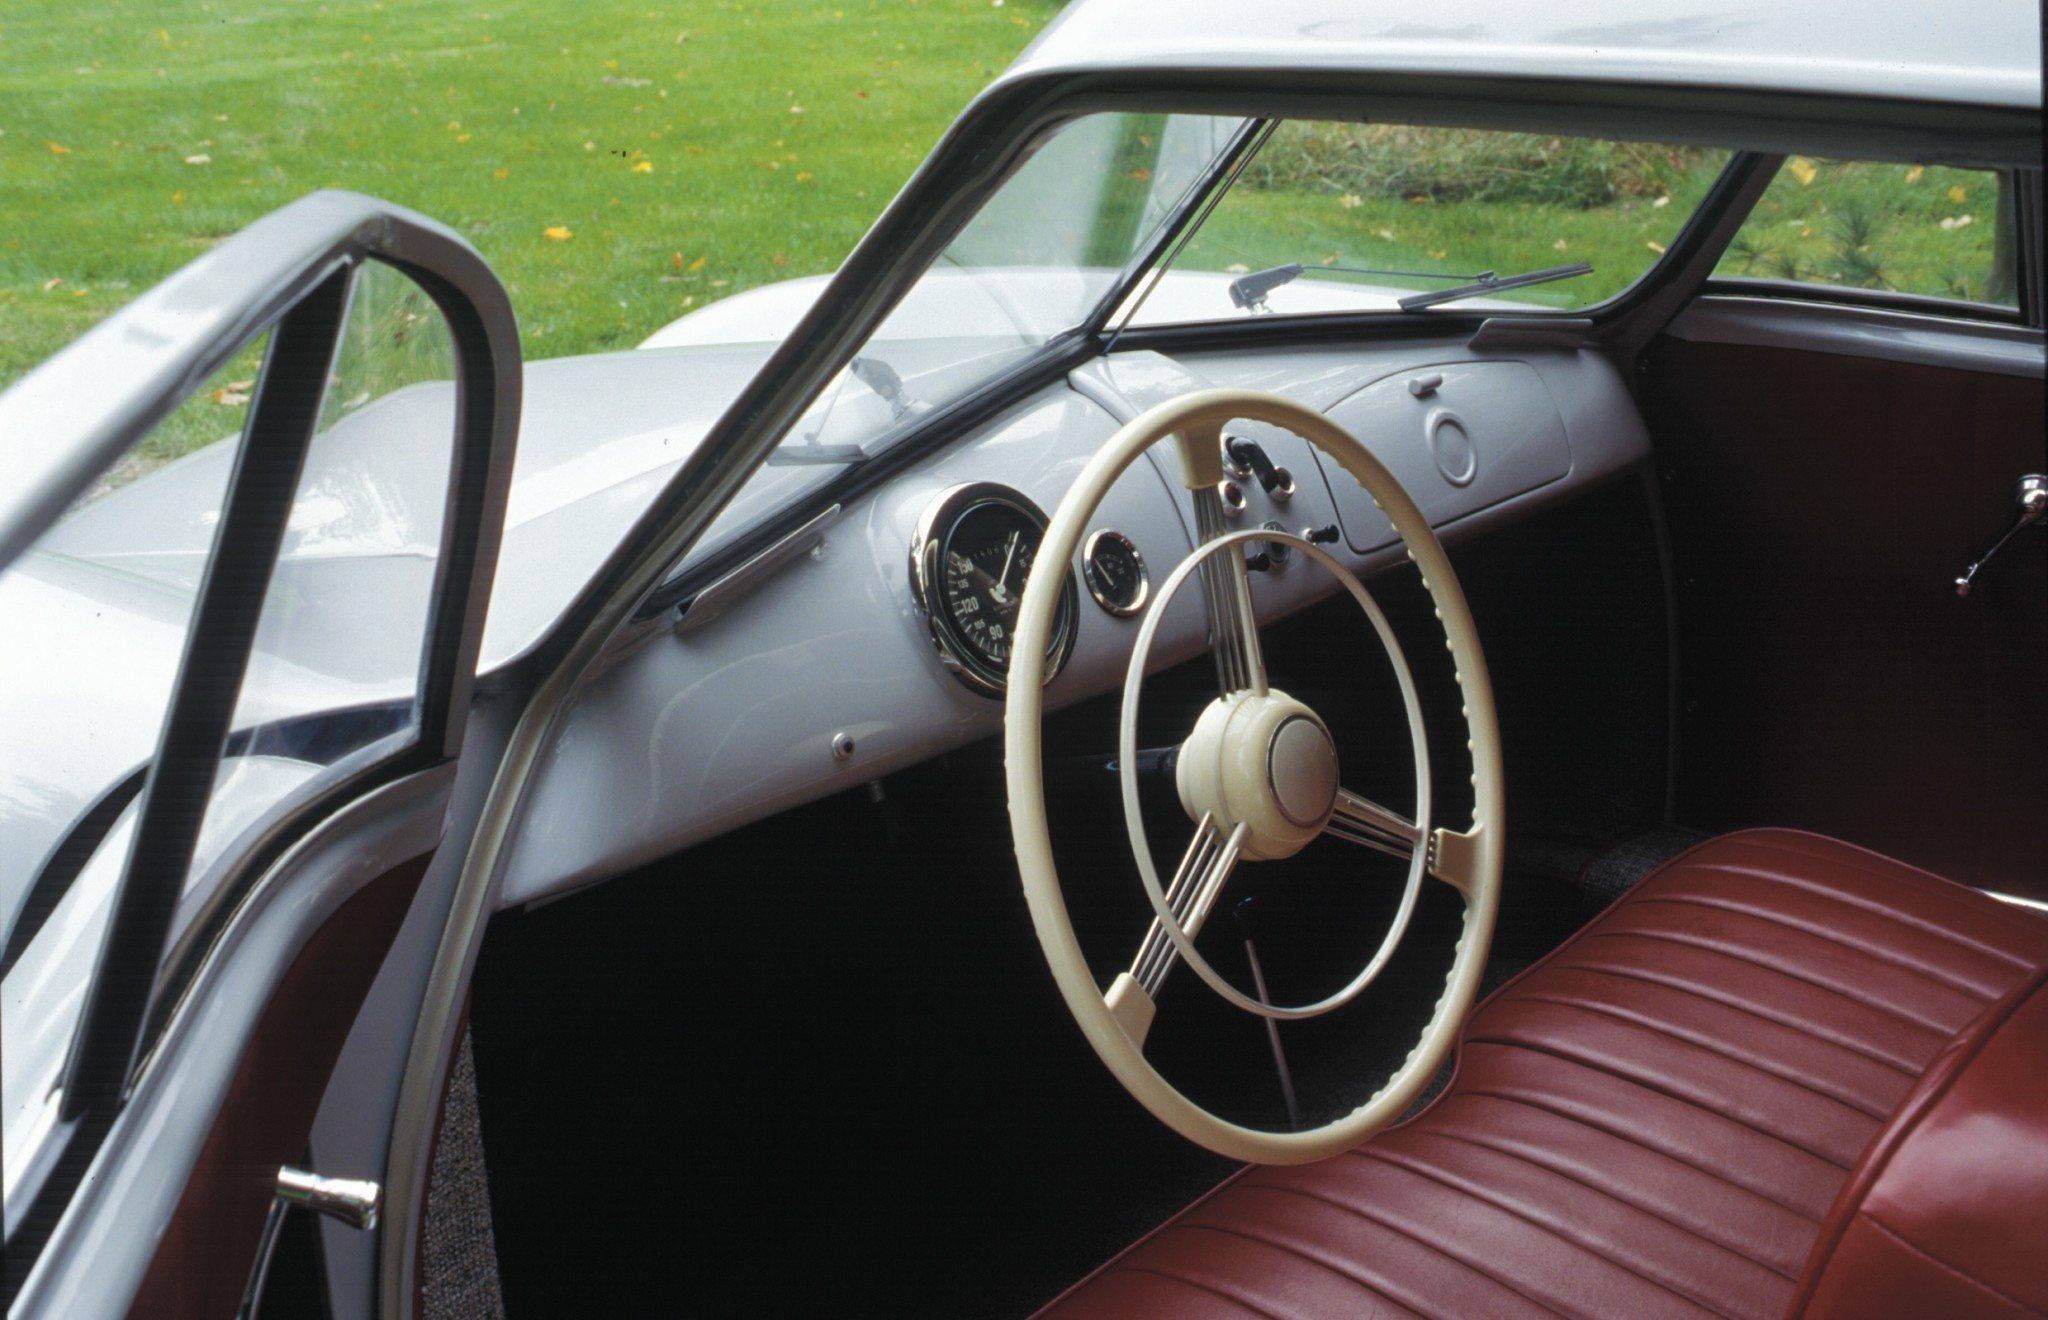 Porsche 356 interior and dash